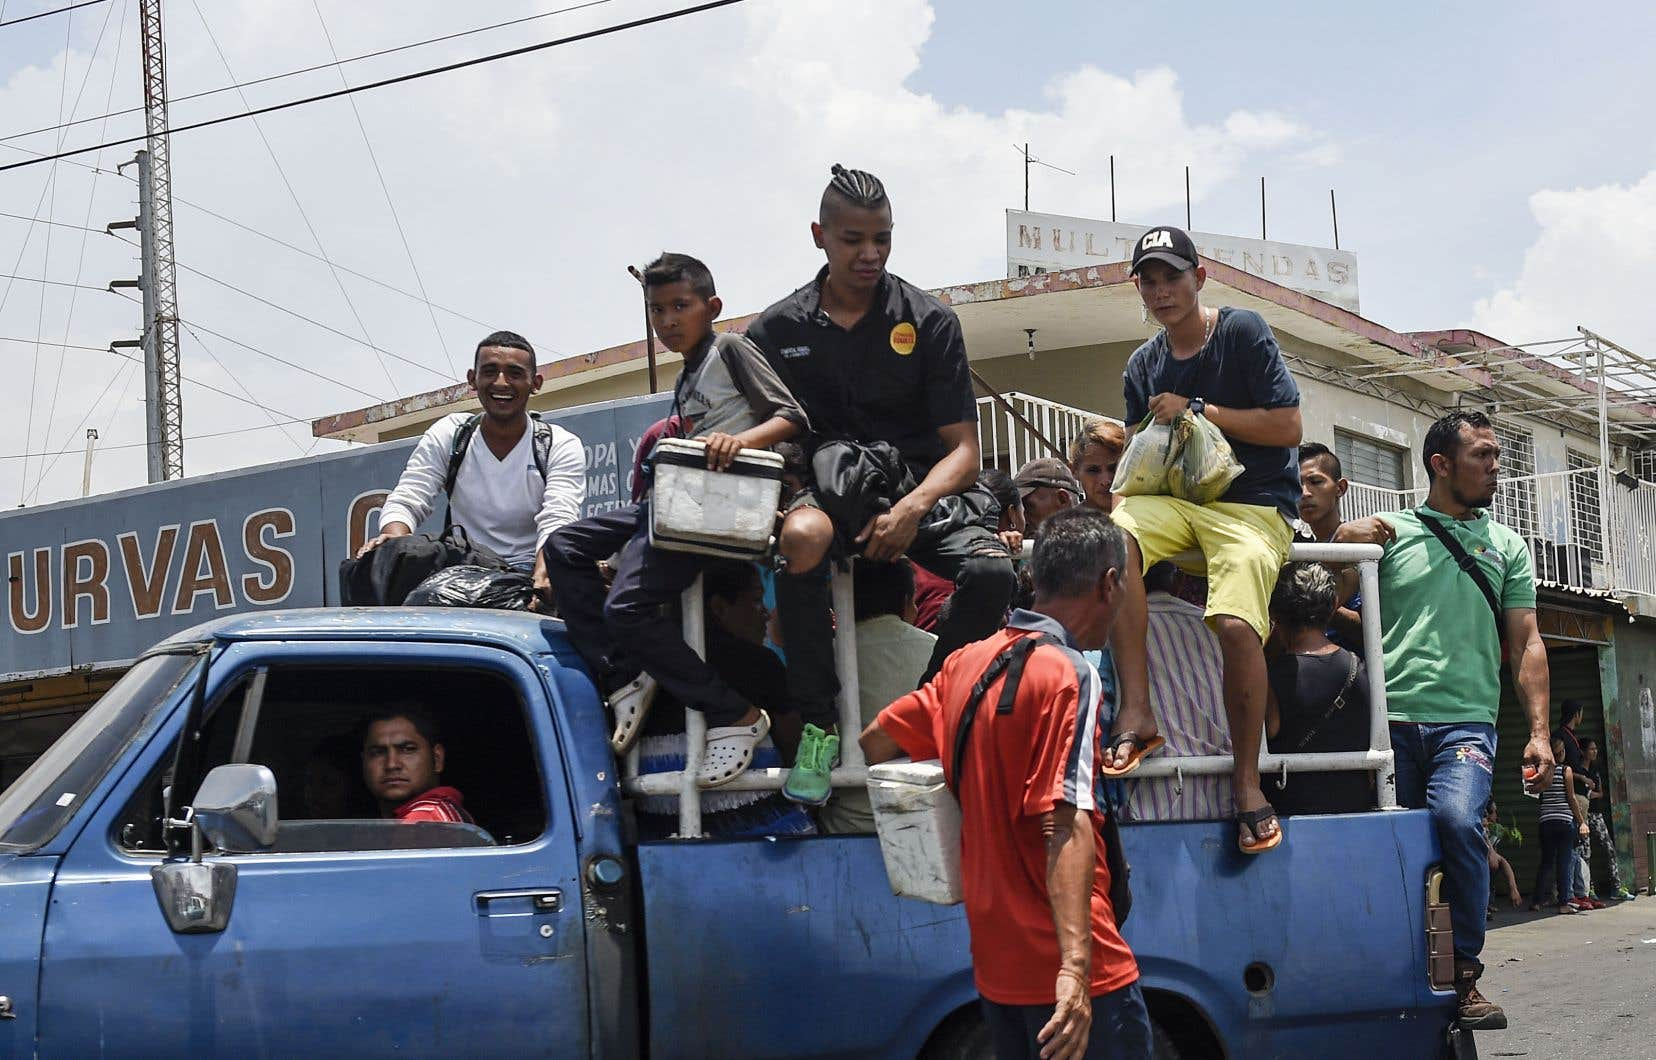 Un camion privé sert de transport public de fortune à Maracaibo. Problèmes de transport, coupures d'électricité, heures d'attente devant les supermarchés: les Vénézuéliens souffrent chaque jour des conséquences de l'interminable crise économique.